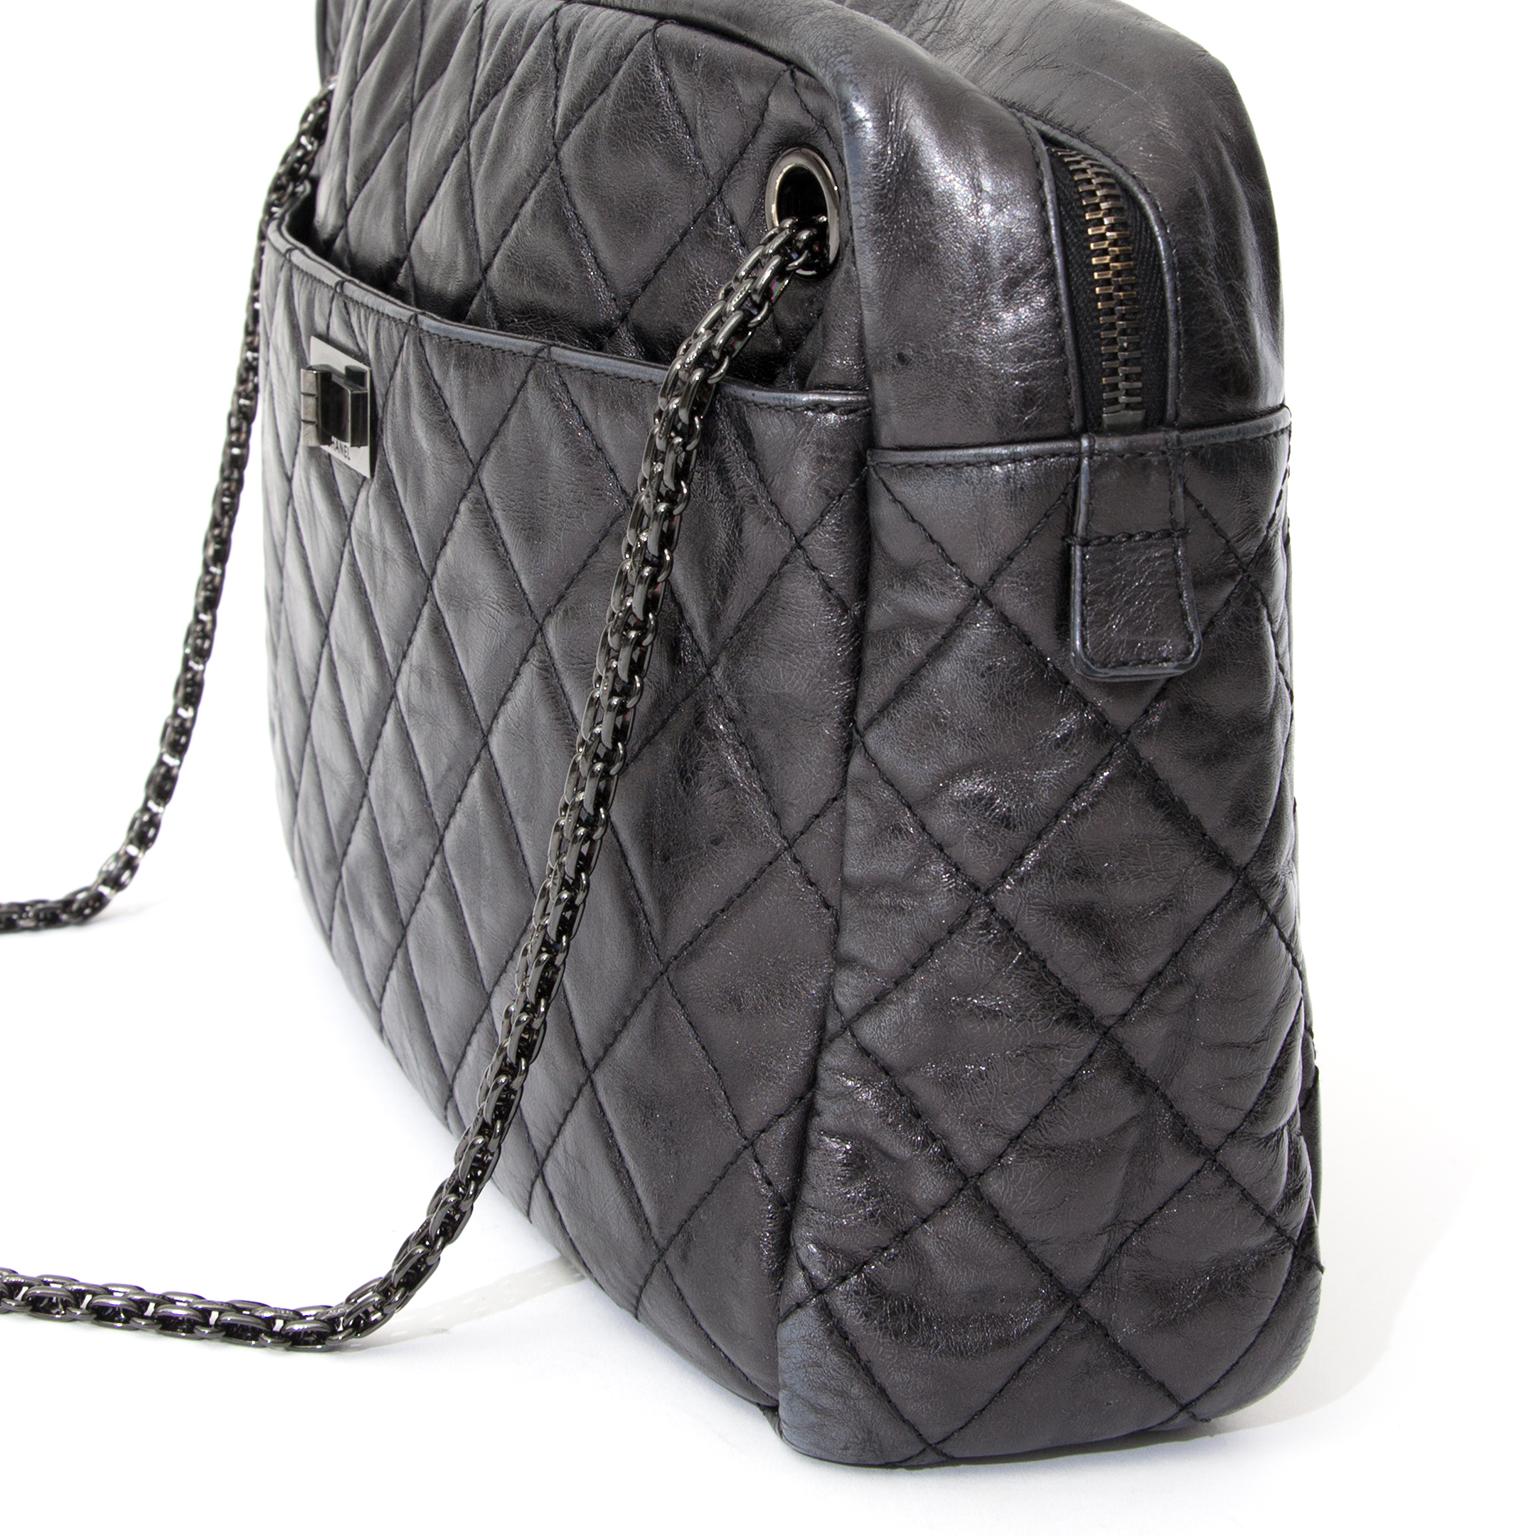 tweedehands Chanel Reissue Camera Bag aan de beste prijs 100% authentiek